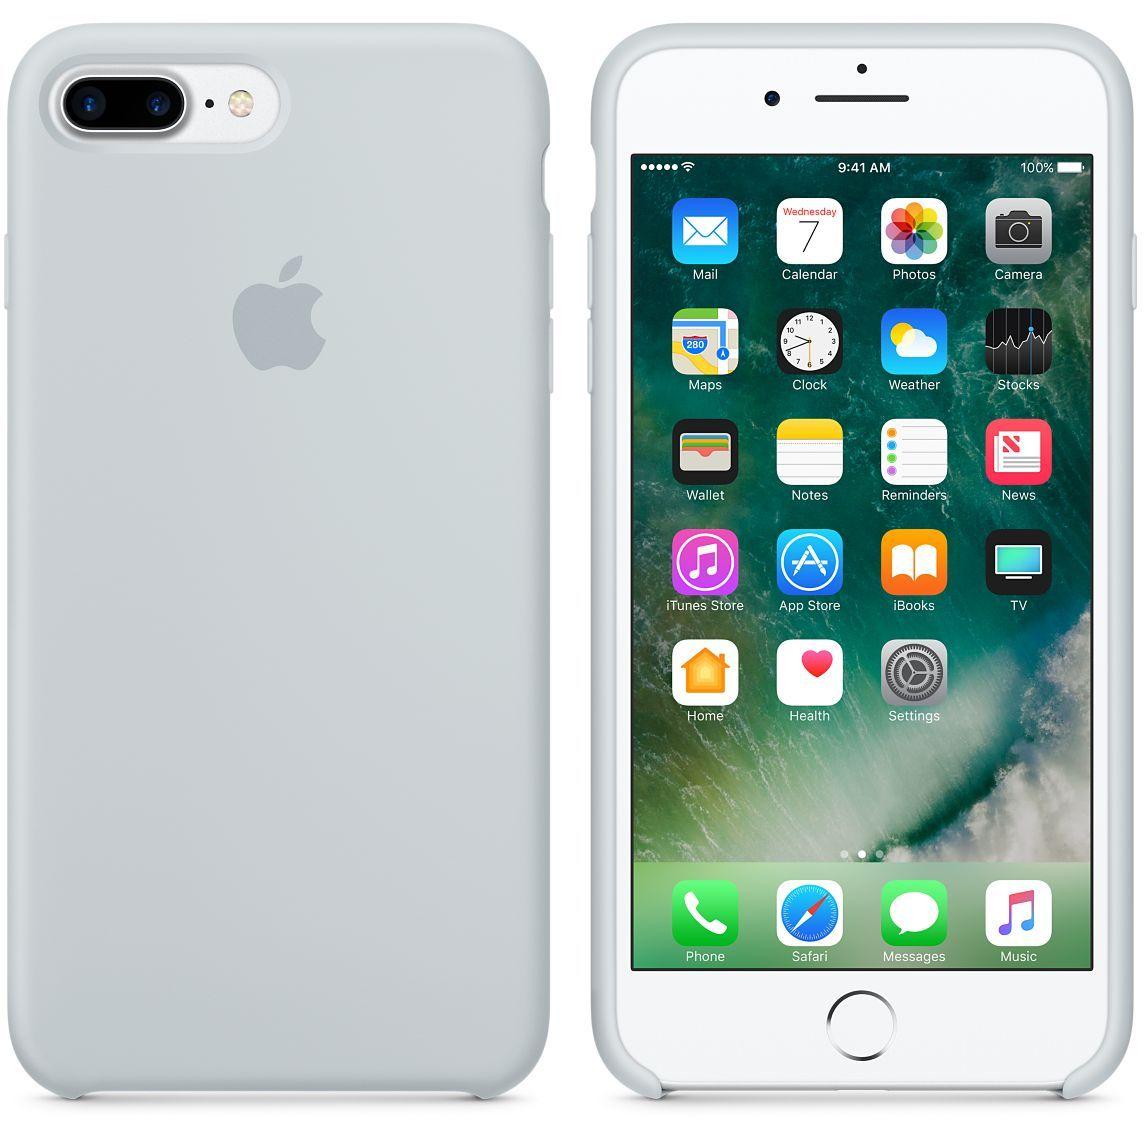 ee6dc31a72b Funda Silicone Case para el iPhone 7 Plus - Rosa arena - Apple (ES ...